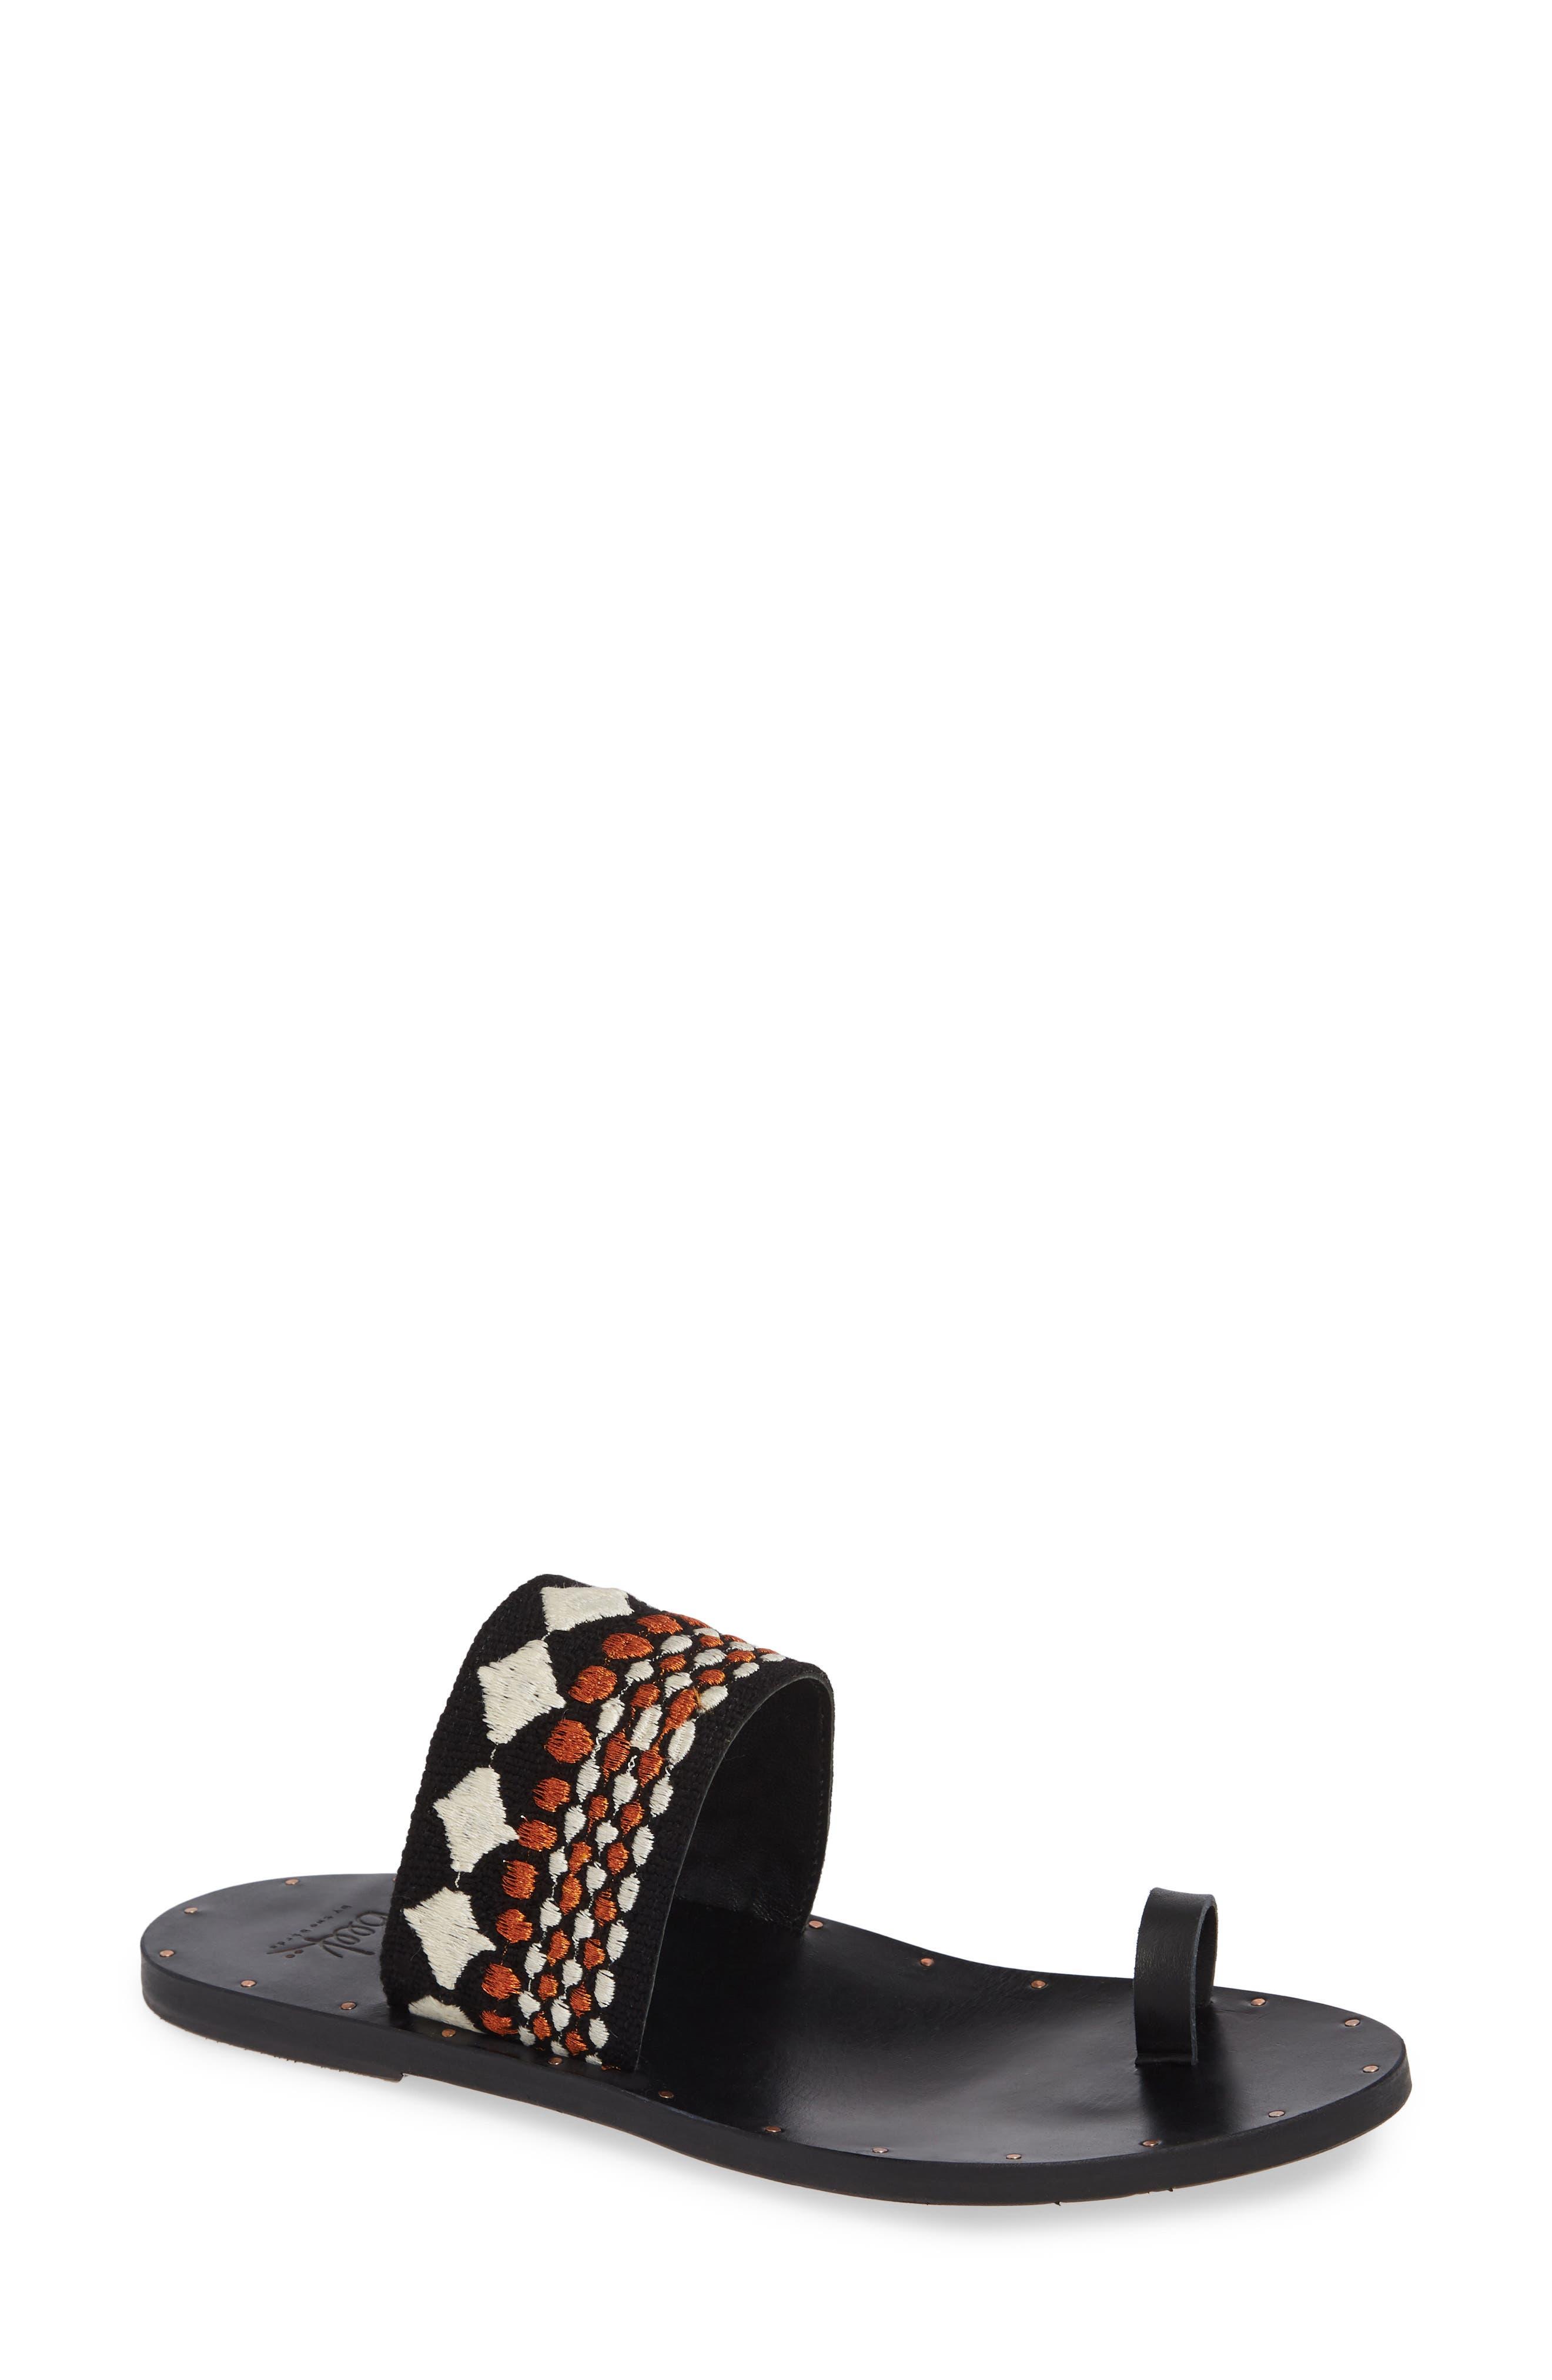 Dove Sandal in Black/ Copper/ Black